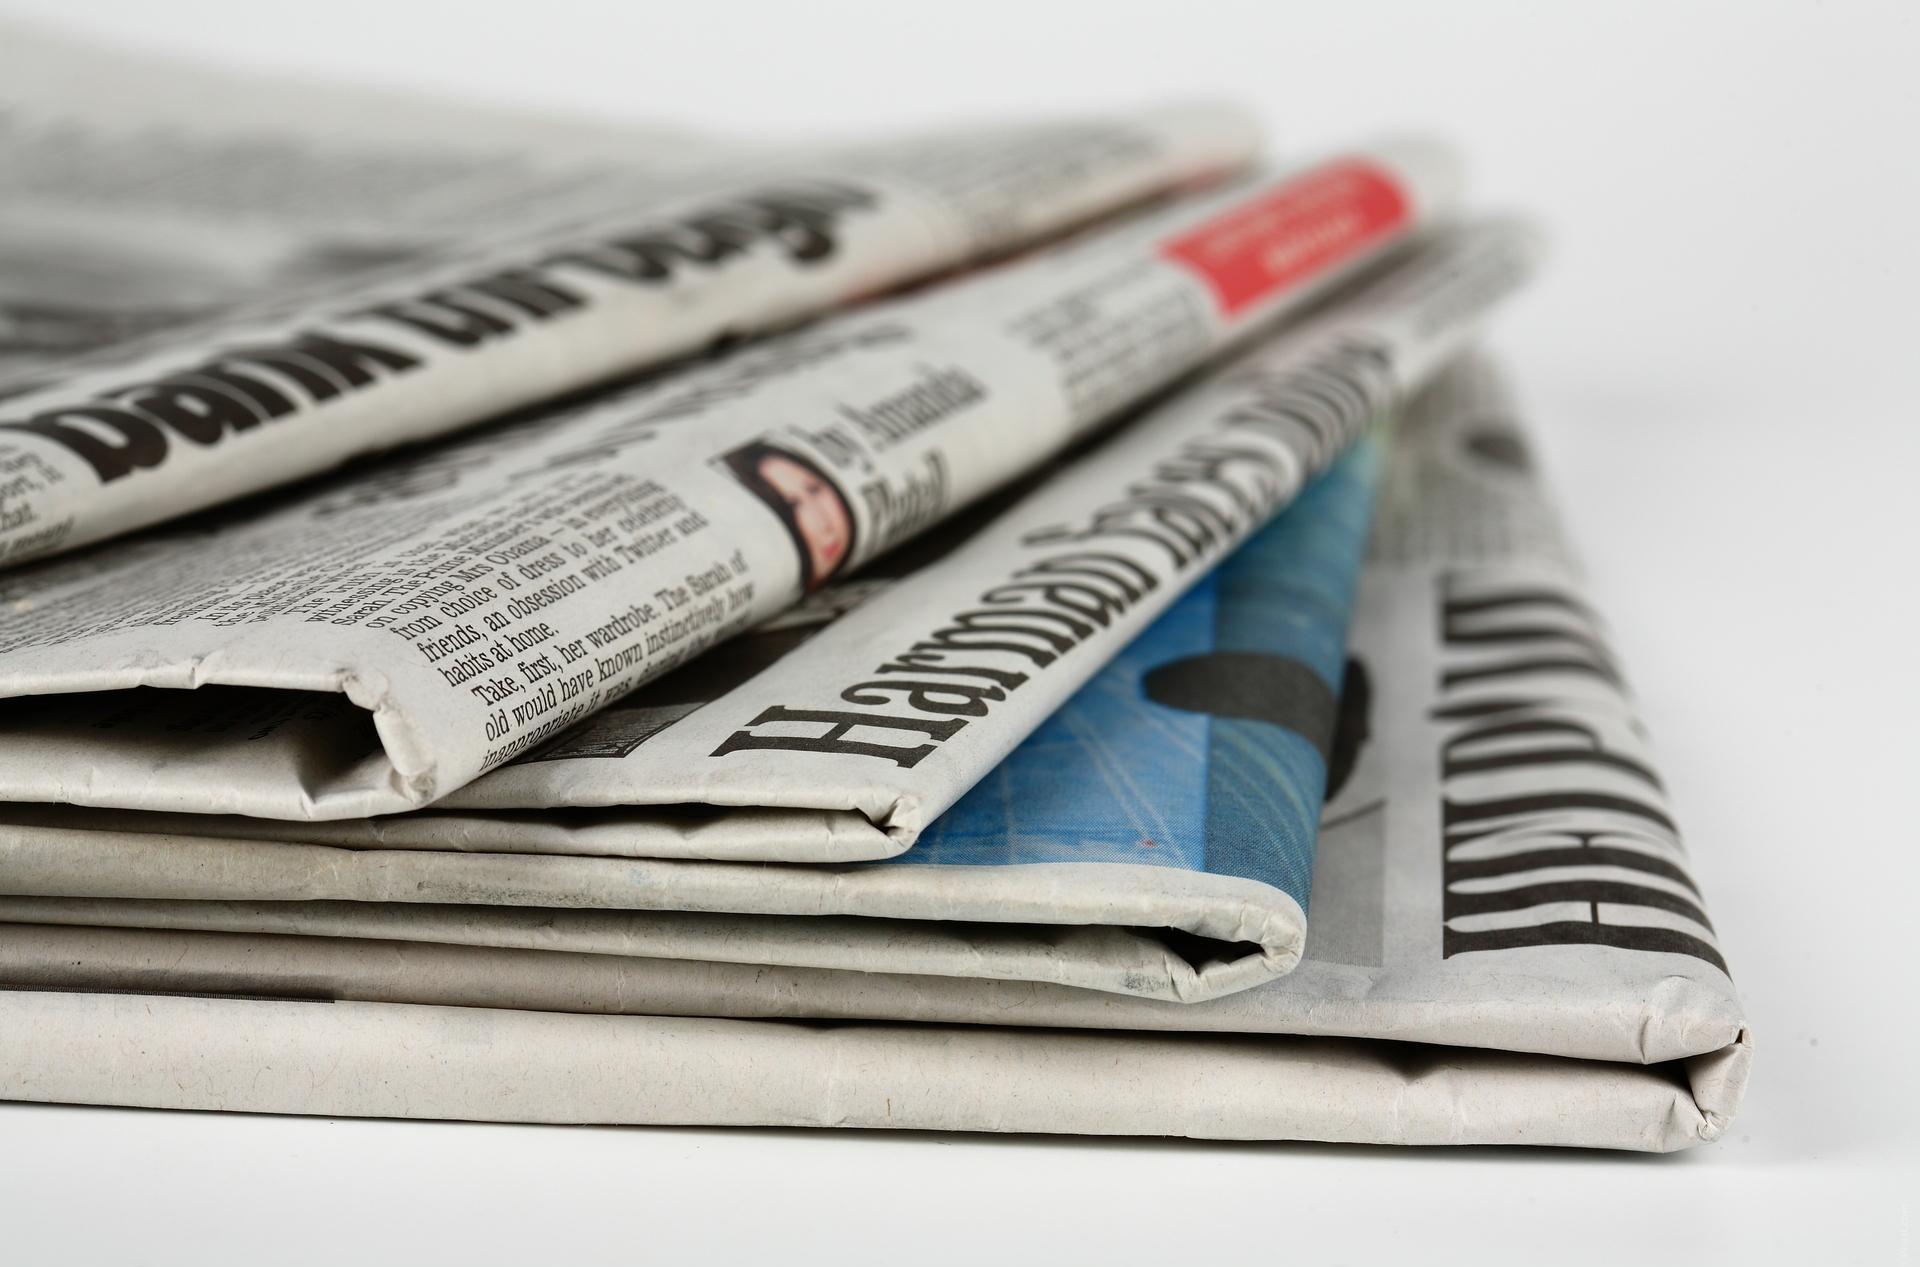 информация о торгах публикуется в средствах массовой информации